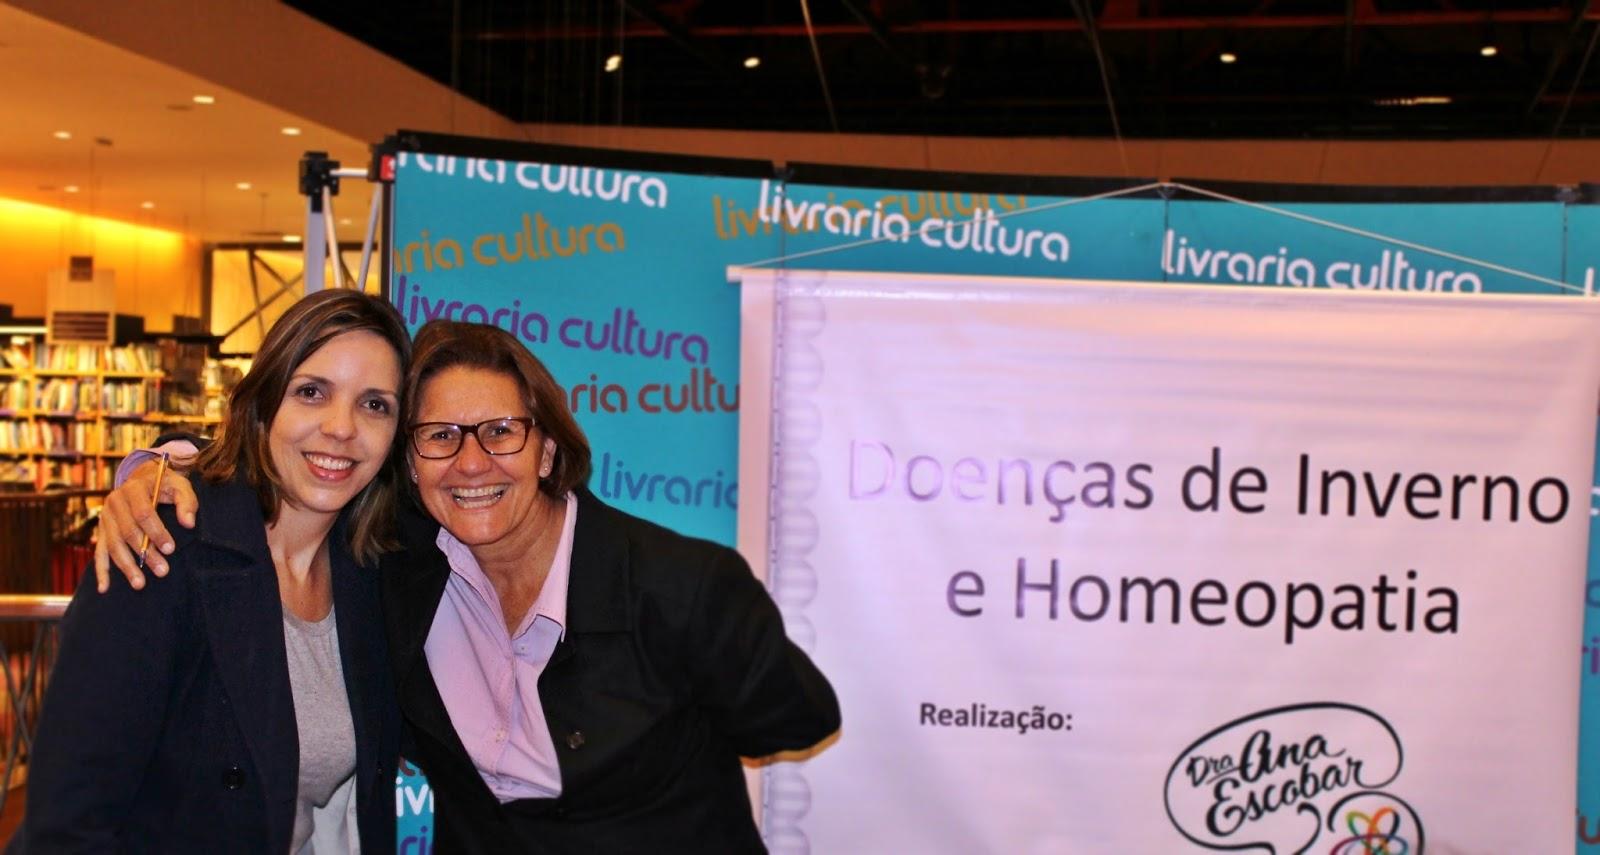 Dra. Ana Escobar - Mamãe Arquiteta